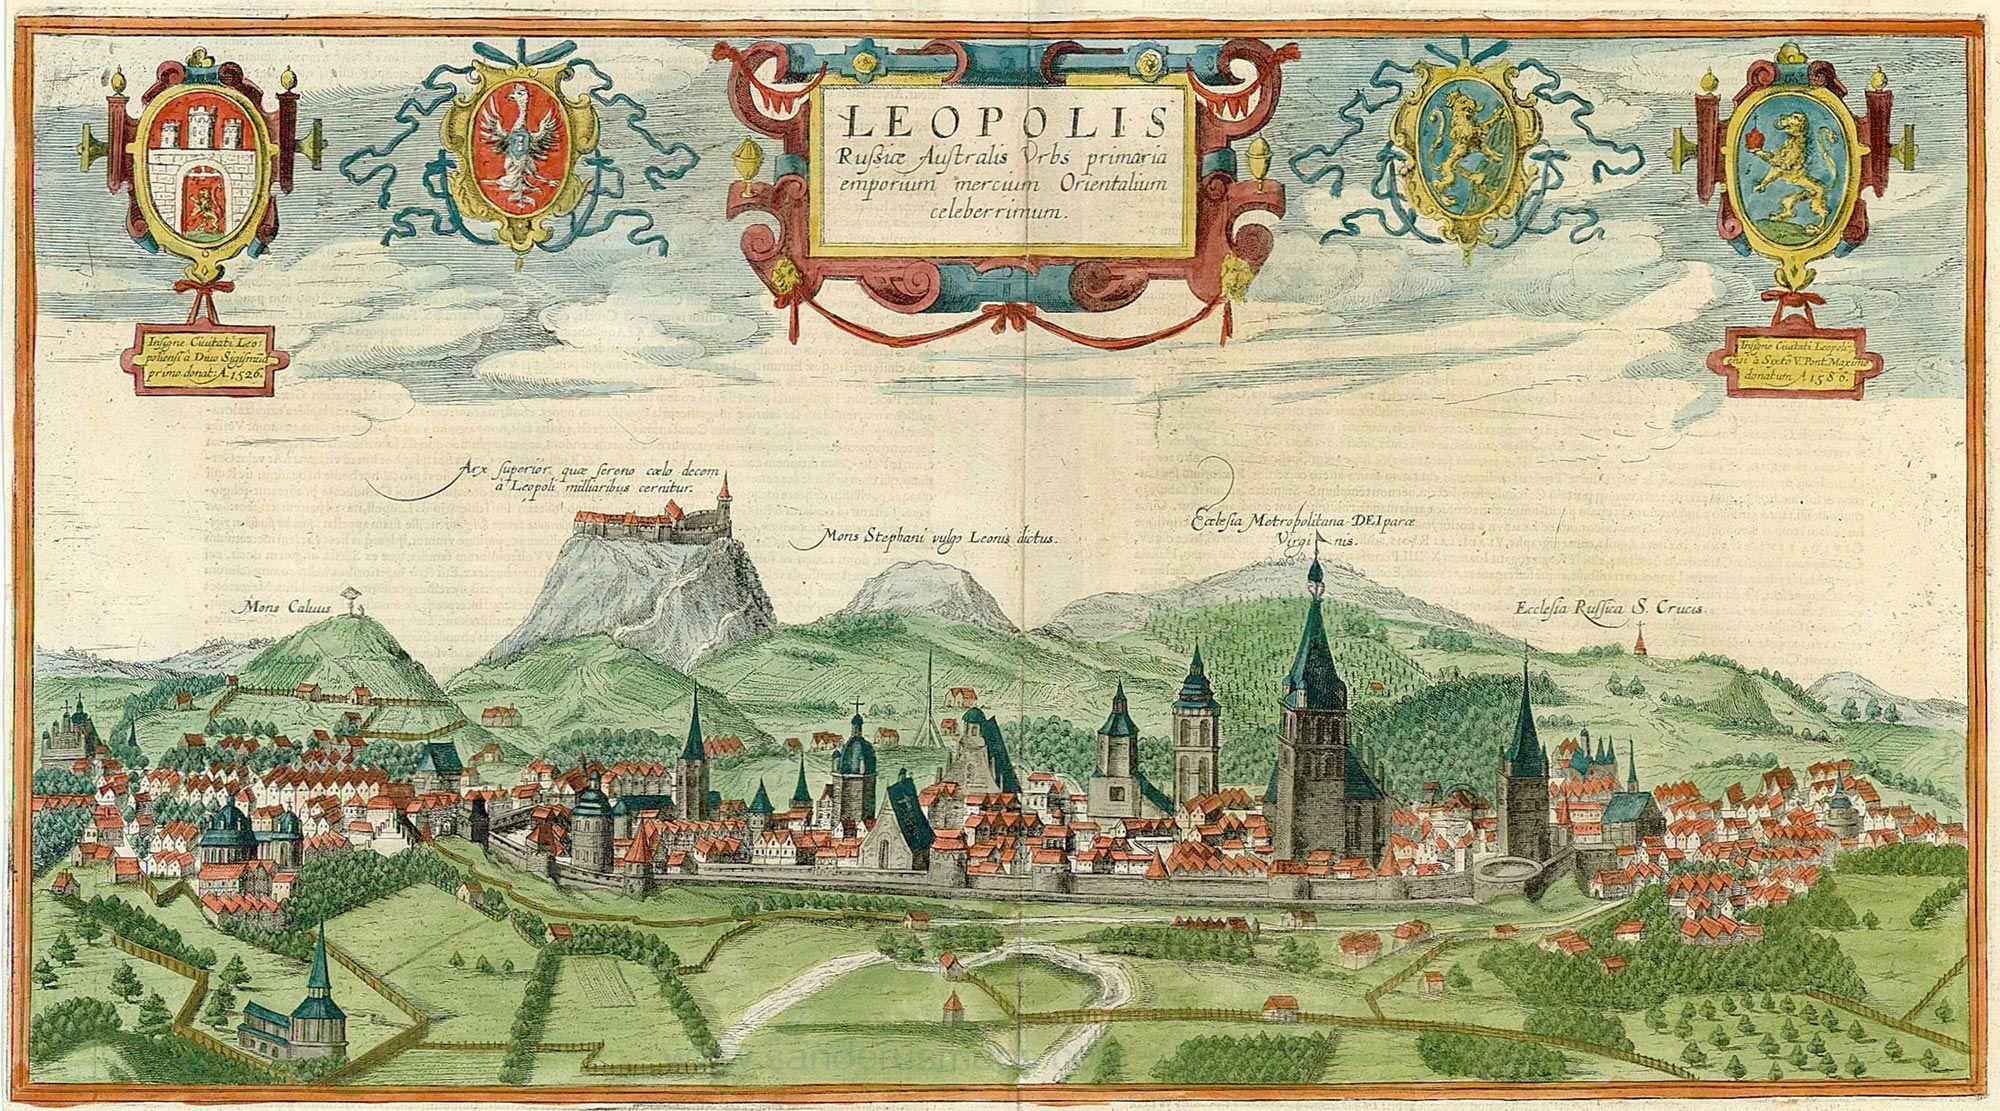 Kiedy w 1648 r. pod Lwów nadciągały wojska Chmielnickiego, miasto na pewno nie wyglądało tak sielankowo, jak na tej XVII-wiecznej panoramie (źródło: domena publiczna).